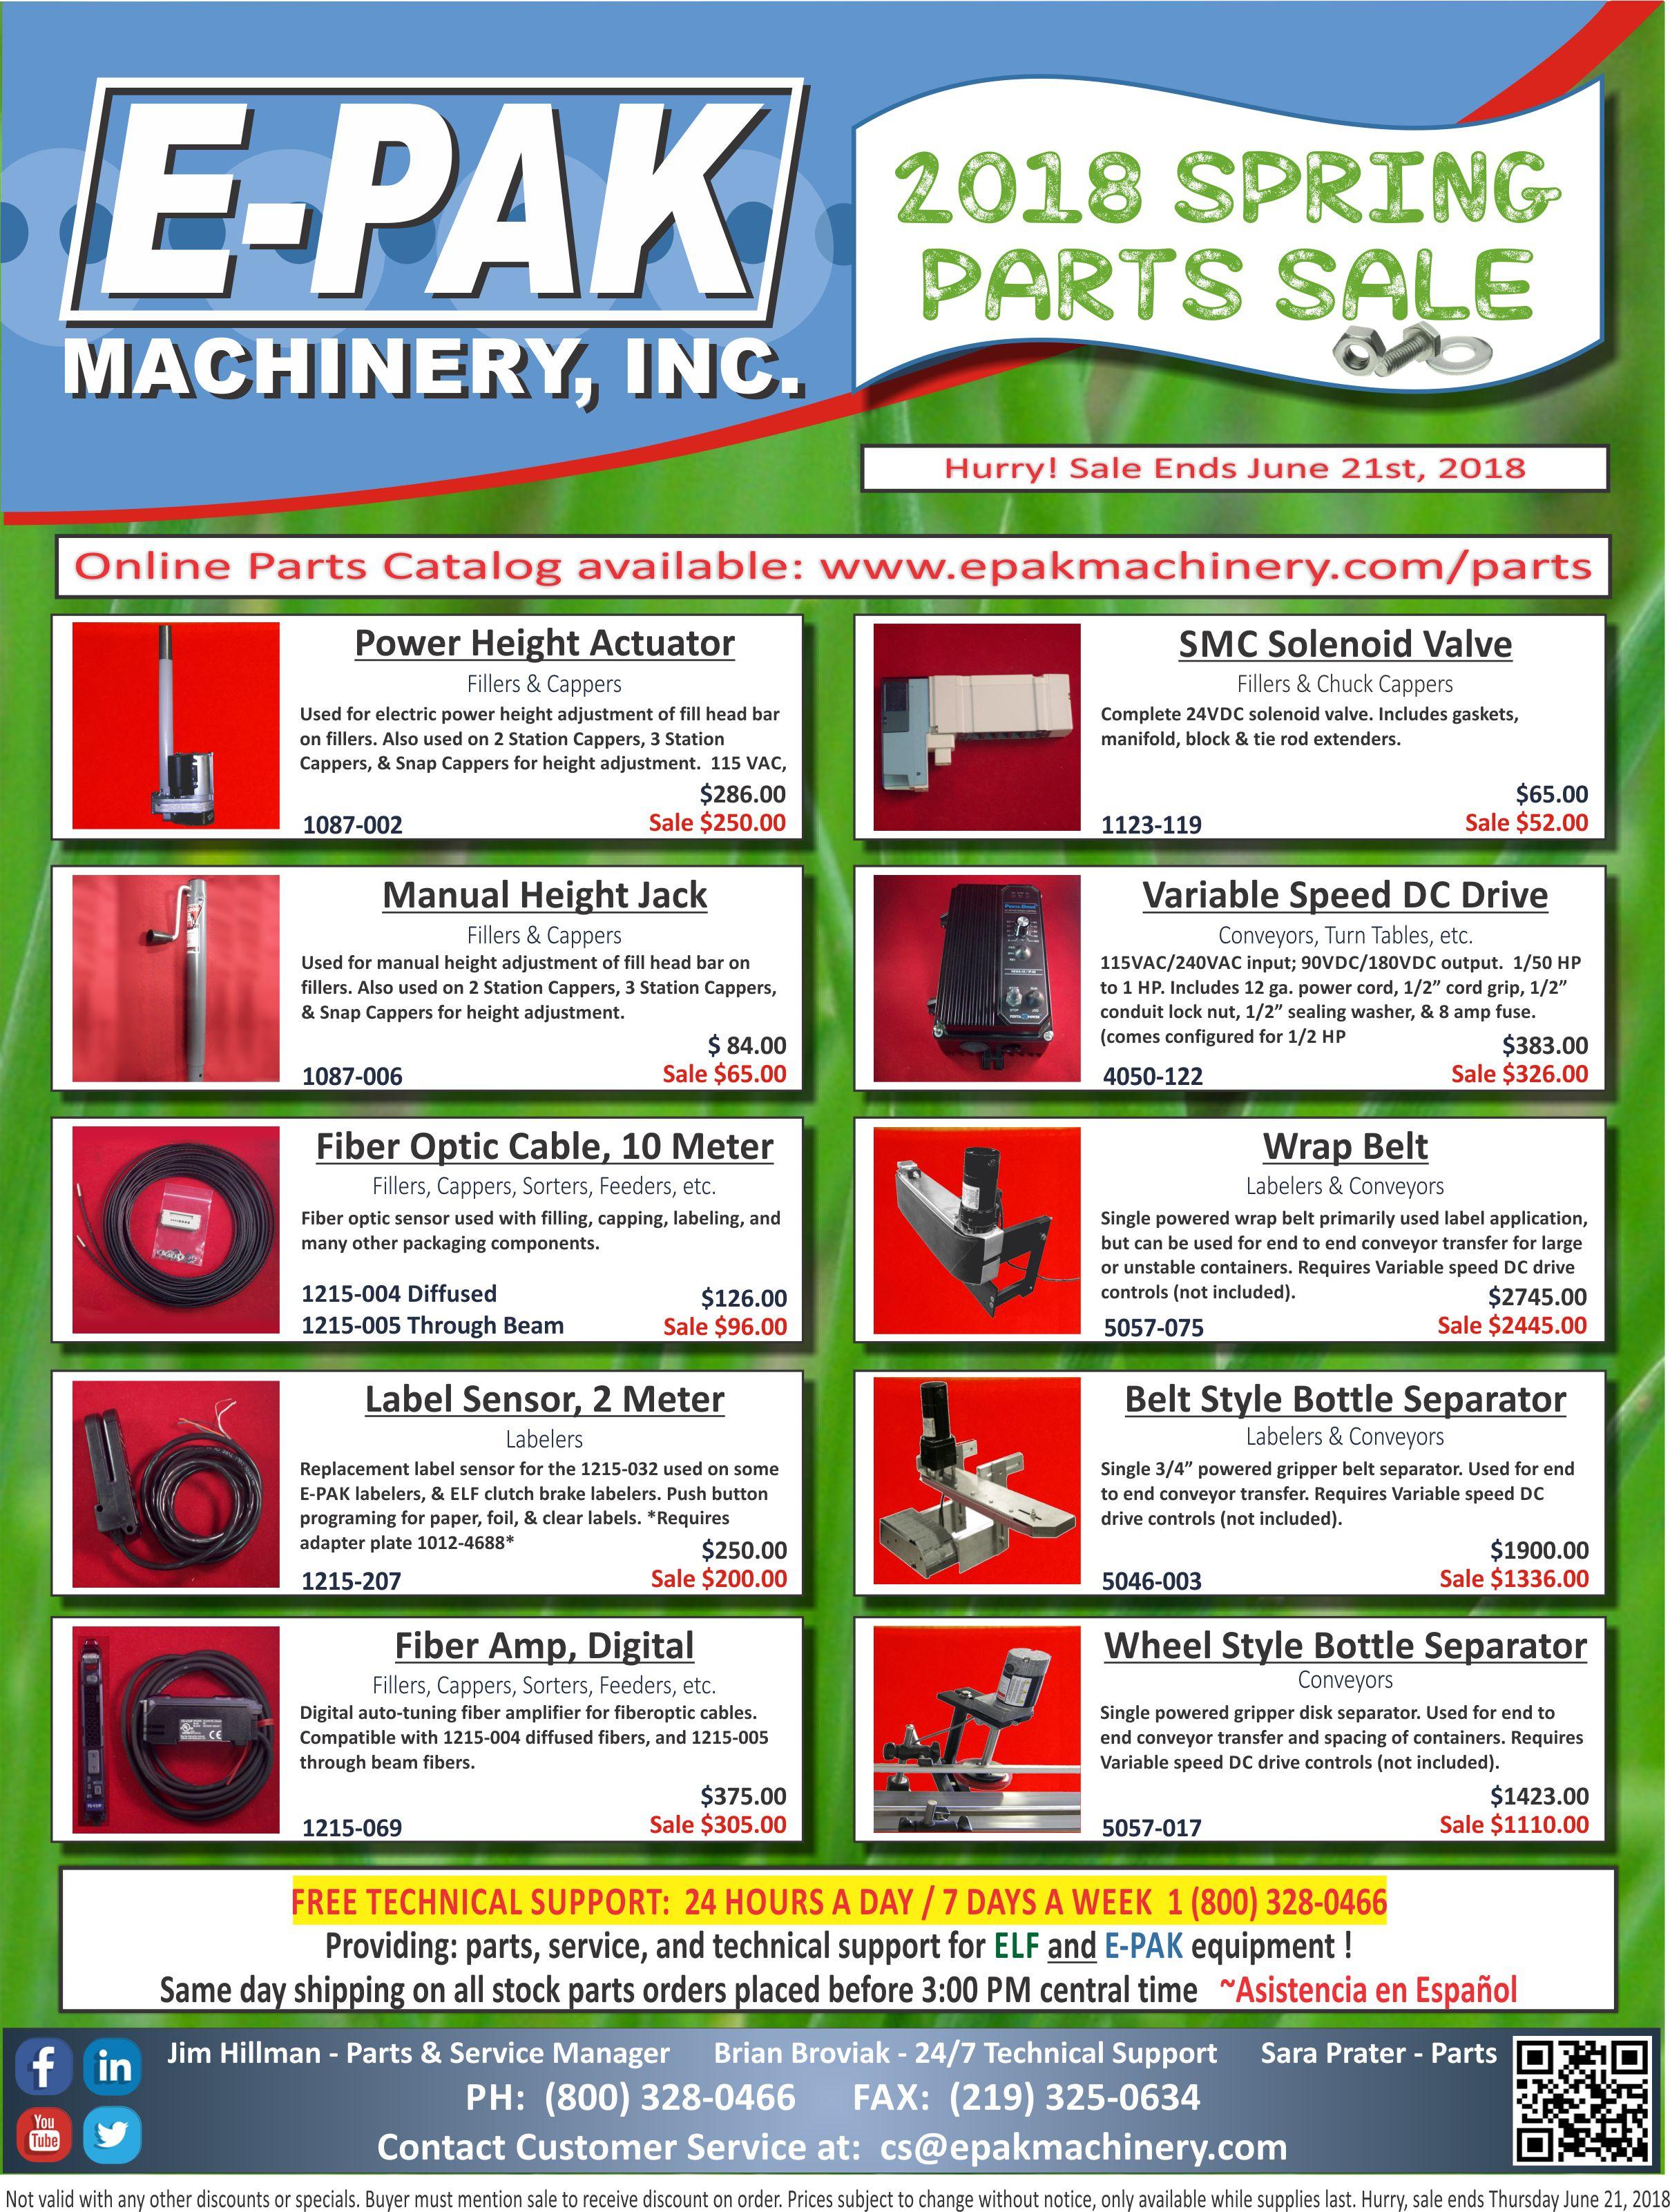 emi-parts-sale-flyer-spring-2018.jpg